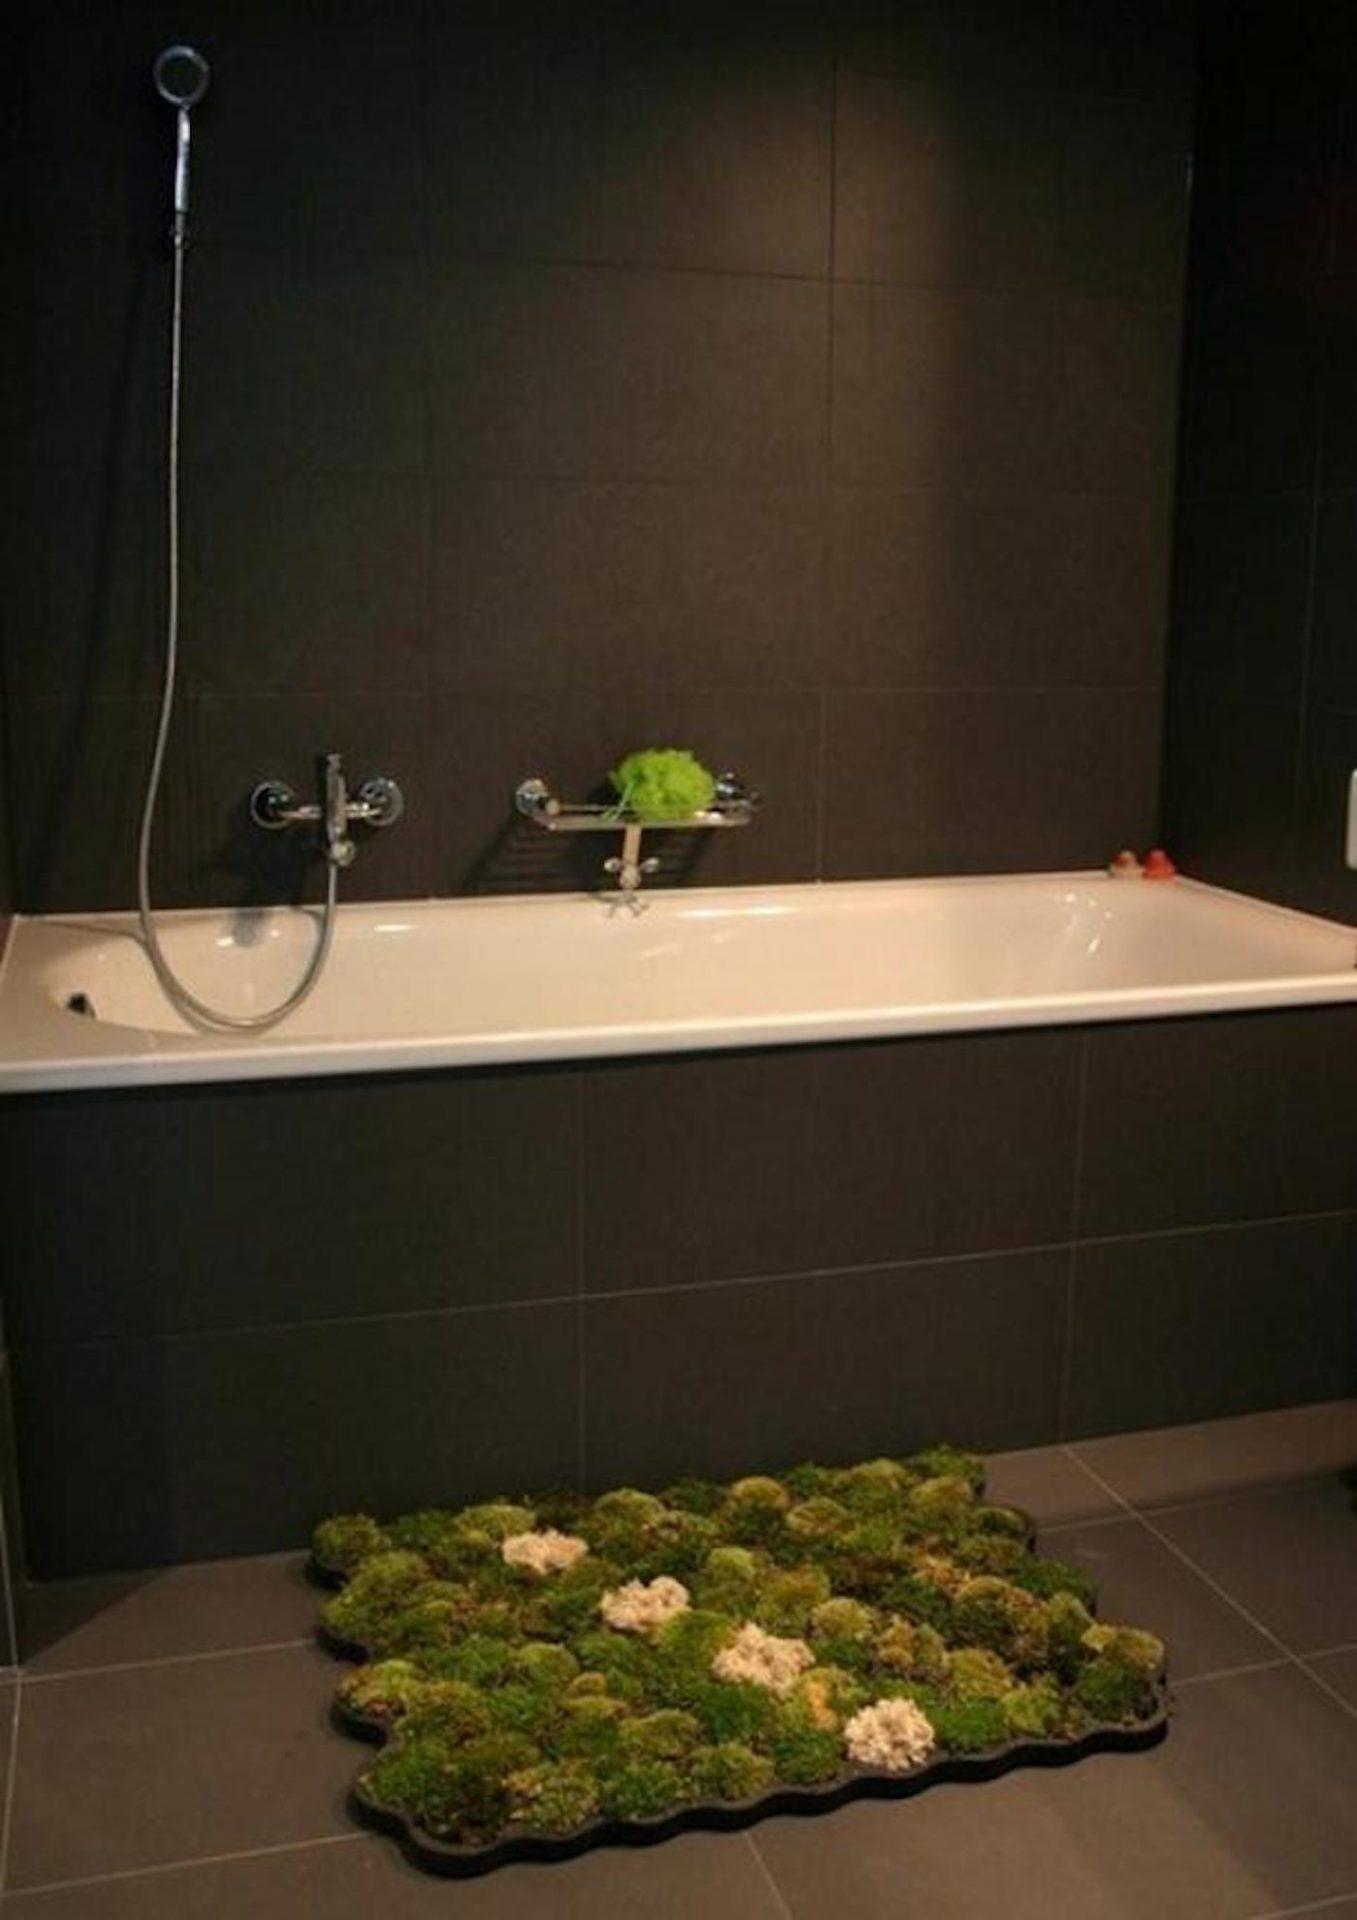 Ce tapis de bain organique profite des gouttes d'eau pour faire pousser de la mousse